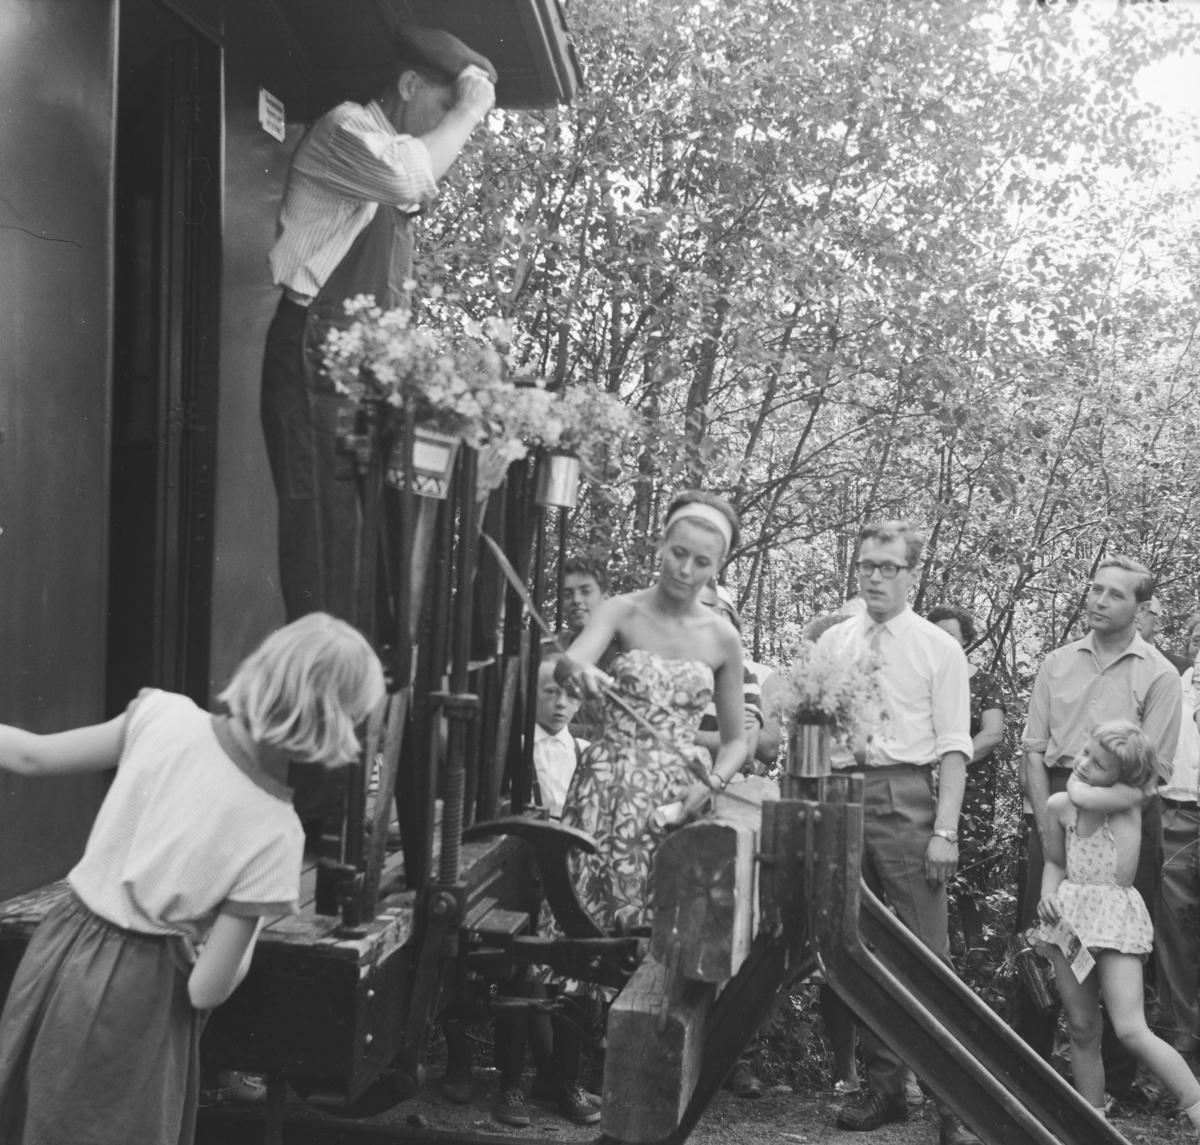 Åpning av museumsbanen 19. juni 1966. Margrethe Wiegels klipper snoren. På plattformen A/L Hølandsbanens formann Preben T. Hysing